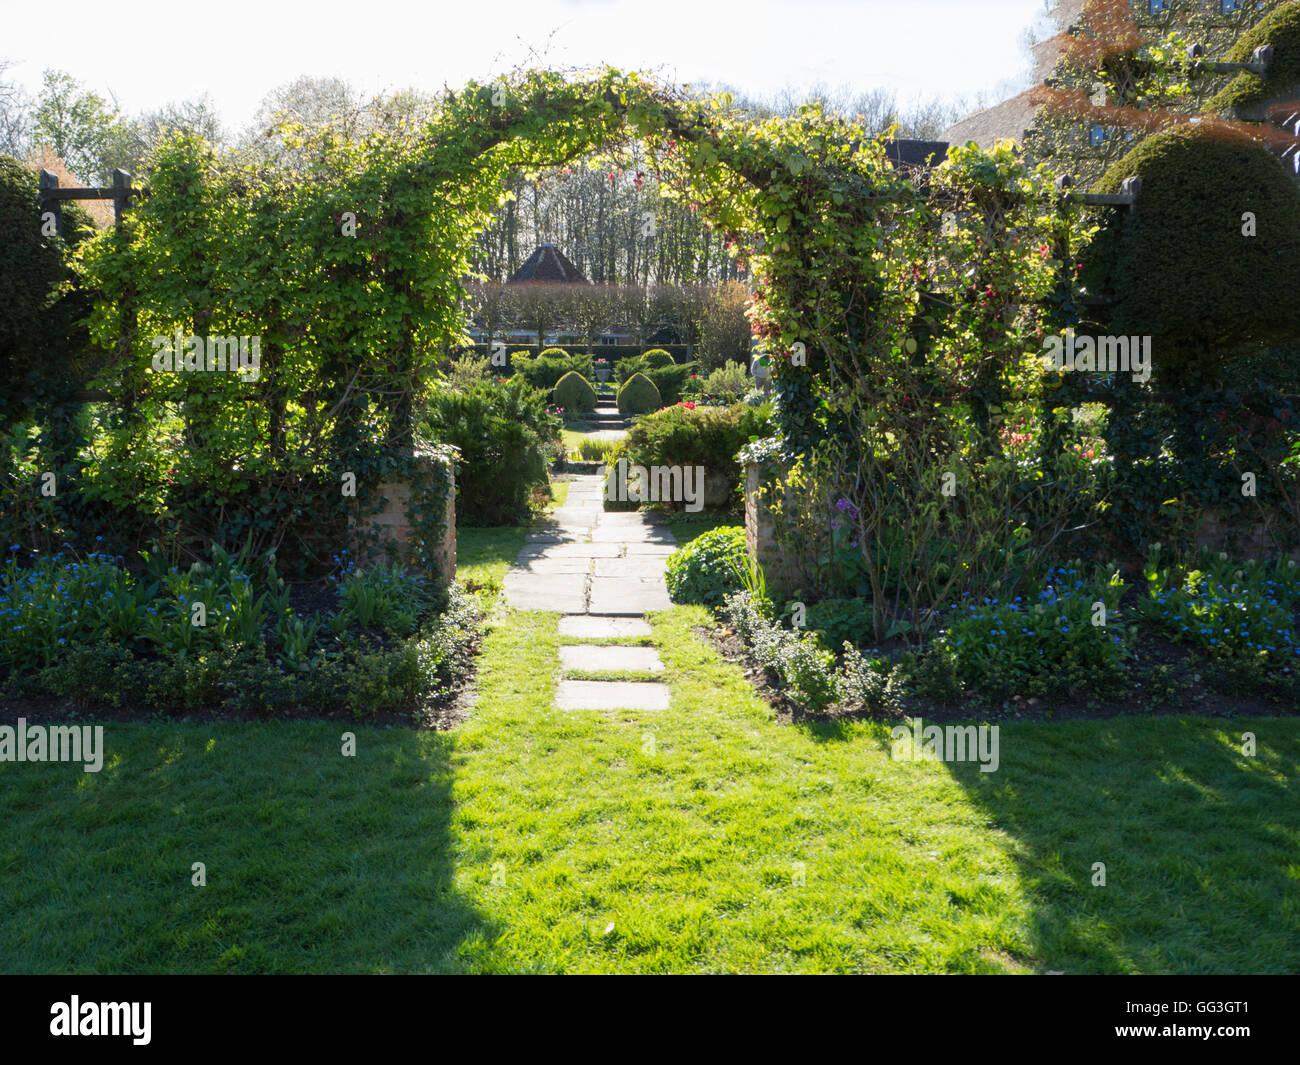 Garden Trellis Arch Stock s & Garden Trellis Arch Stock